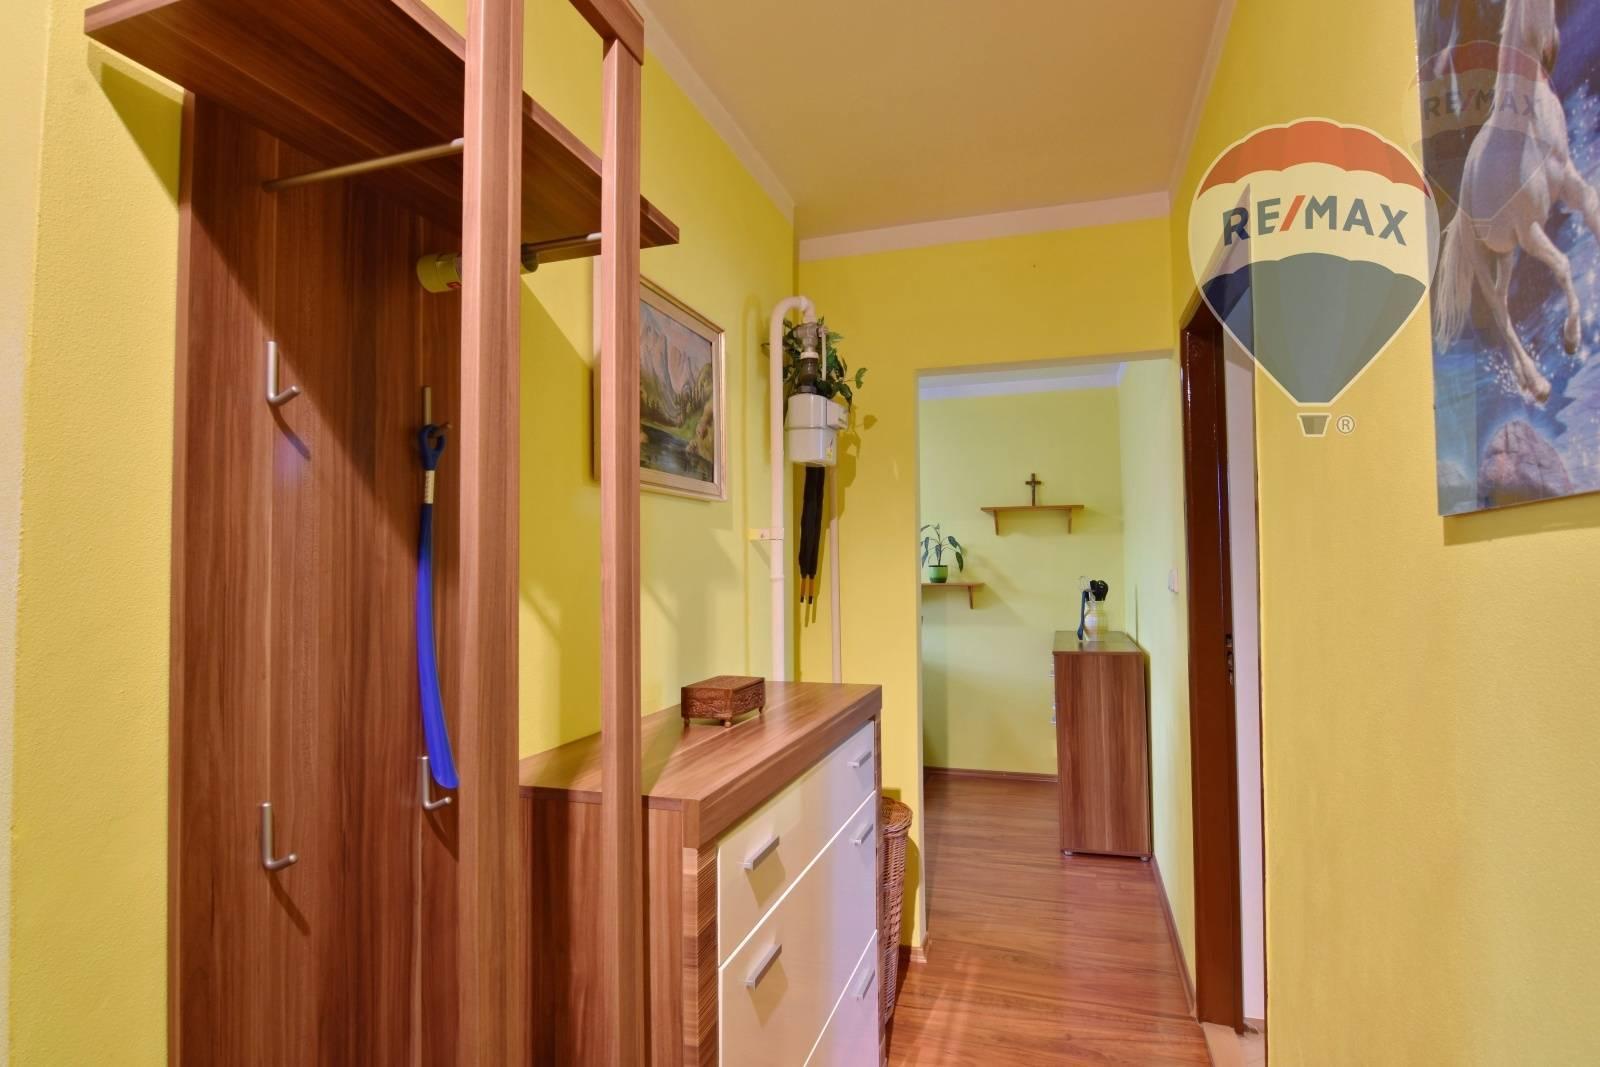 TEHLOVÝ Byt 2-izbový 62m2 Staré sídlisko Prievidza